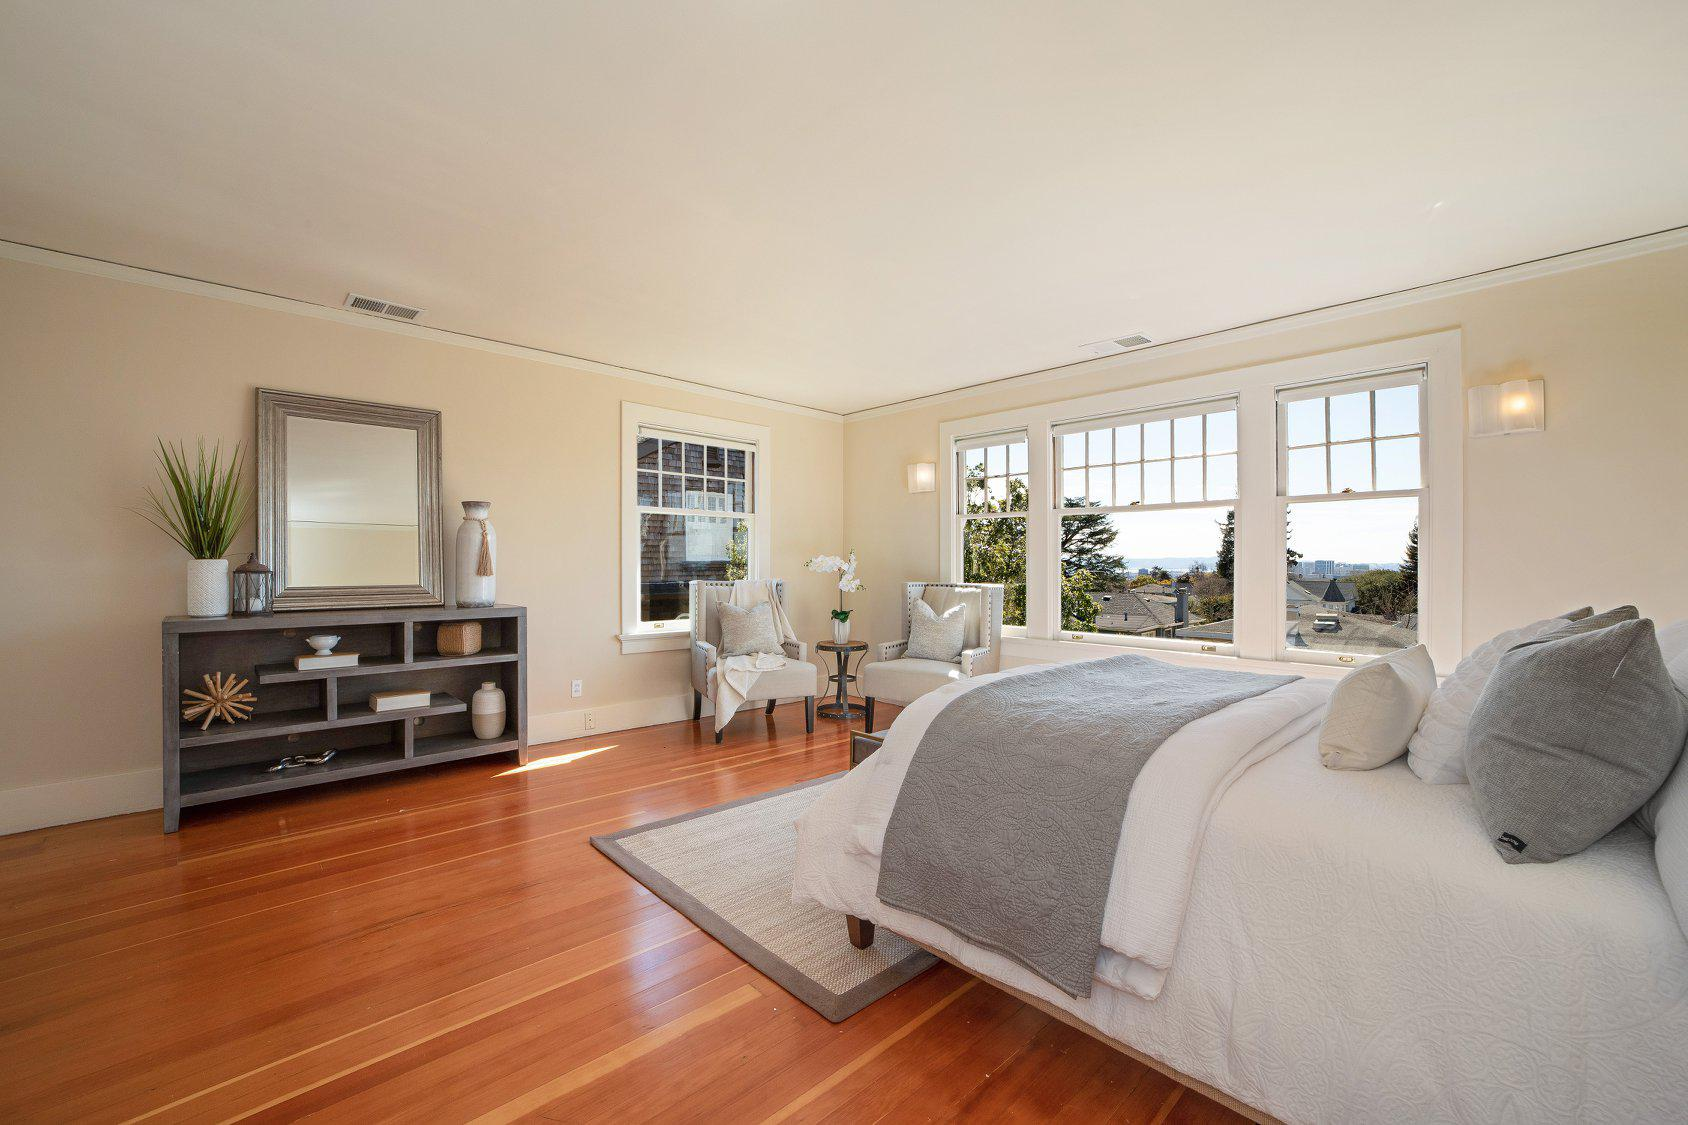 Debbi DiMaggio & Adam Betta | Real Estate image 2